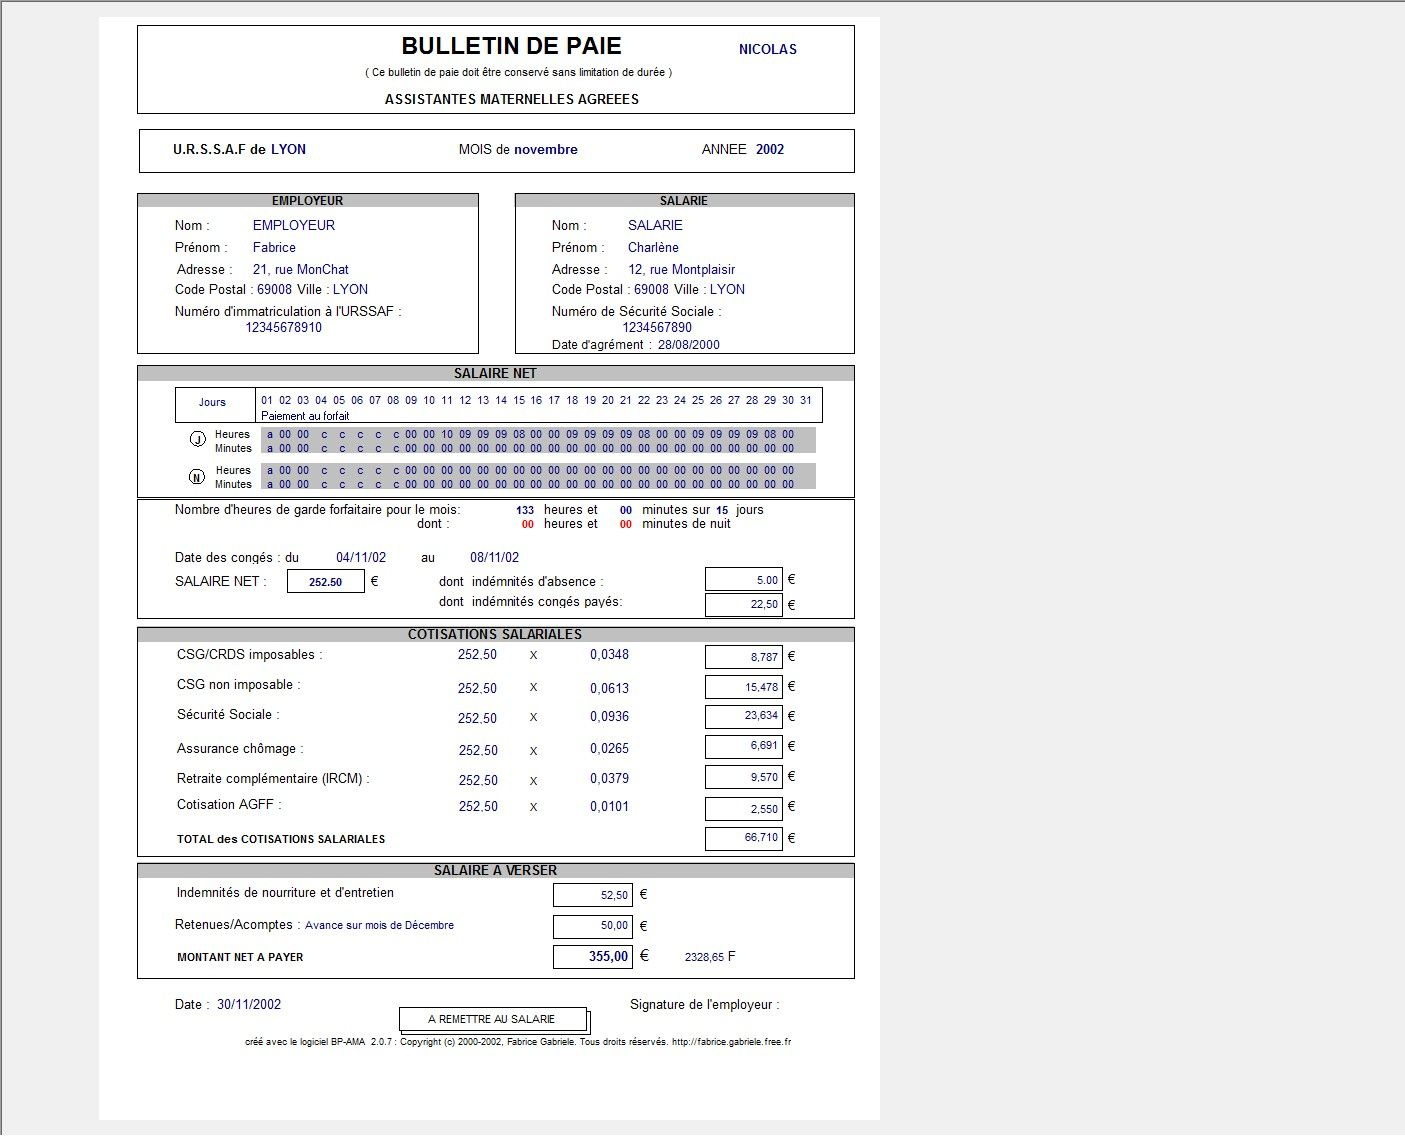 Très telecharger bulletin de salaire assistant maternelle gratuit  ZT71